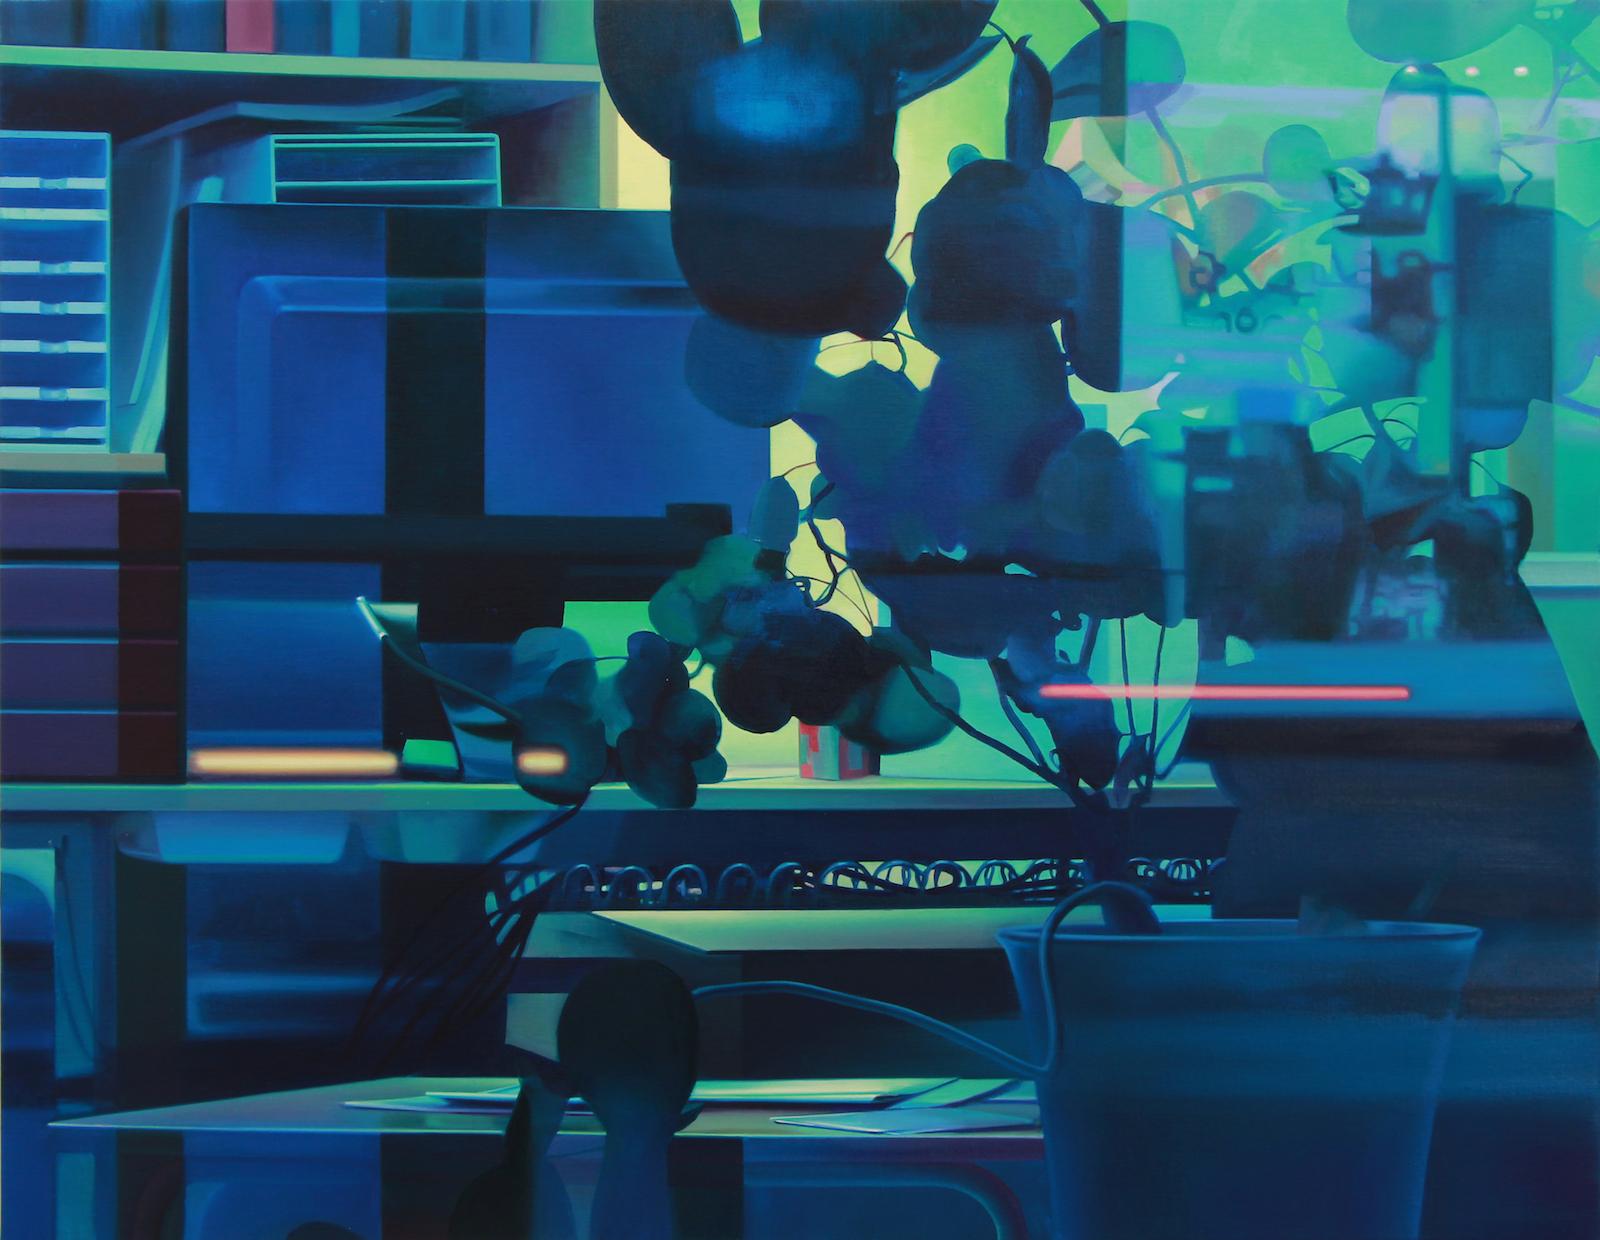 """Pauliina Pietilä, """"Vintern"""" (The Winter), 2015, oil on canvas, 105 x 135 cm"""